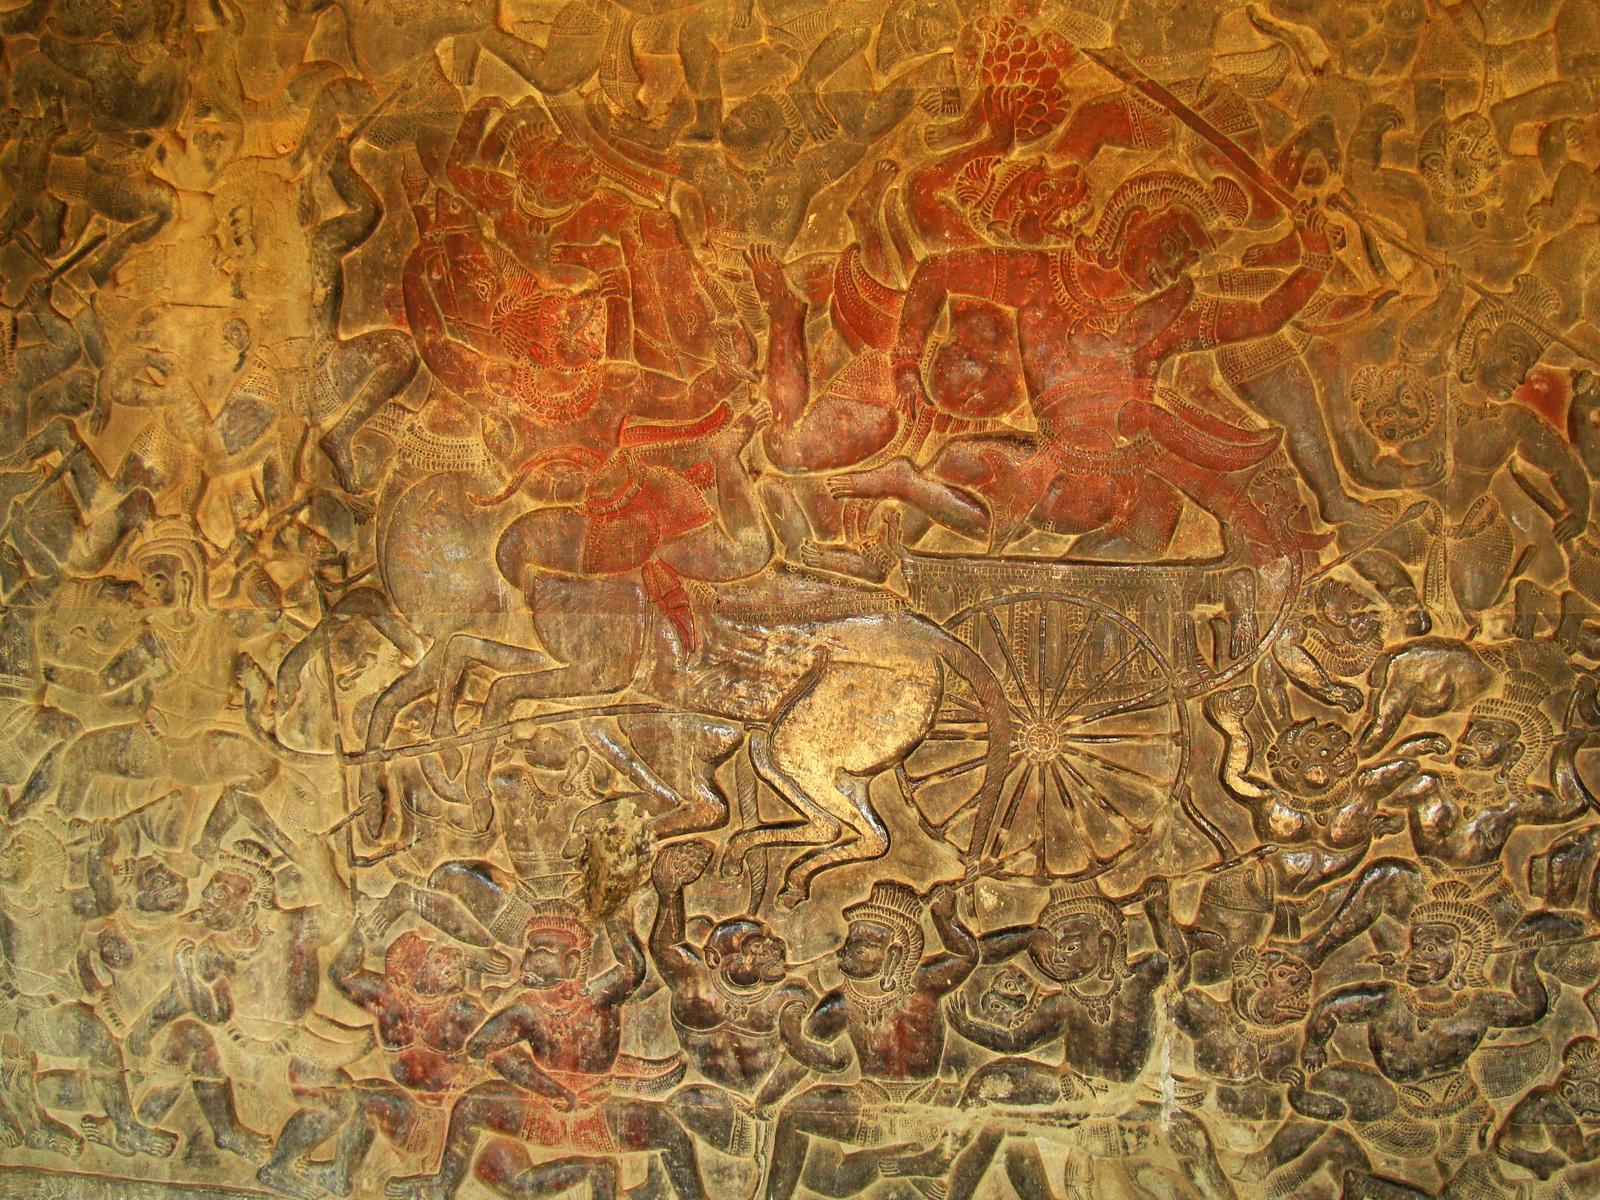 Angkor Wat Bas relief W Gallery N Wing Battle of Lanka 63